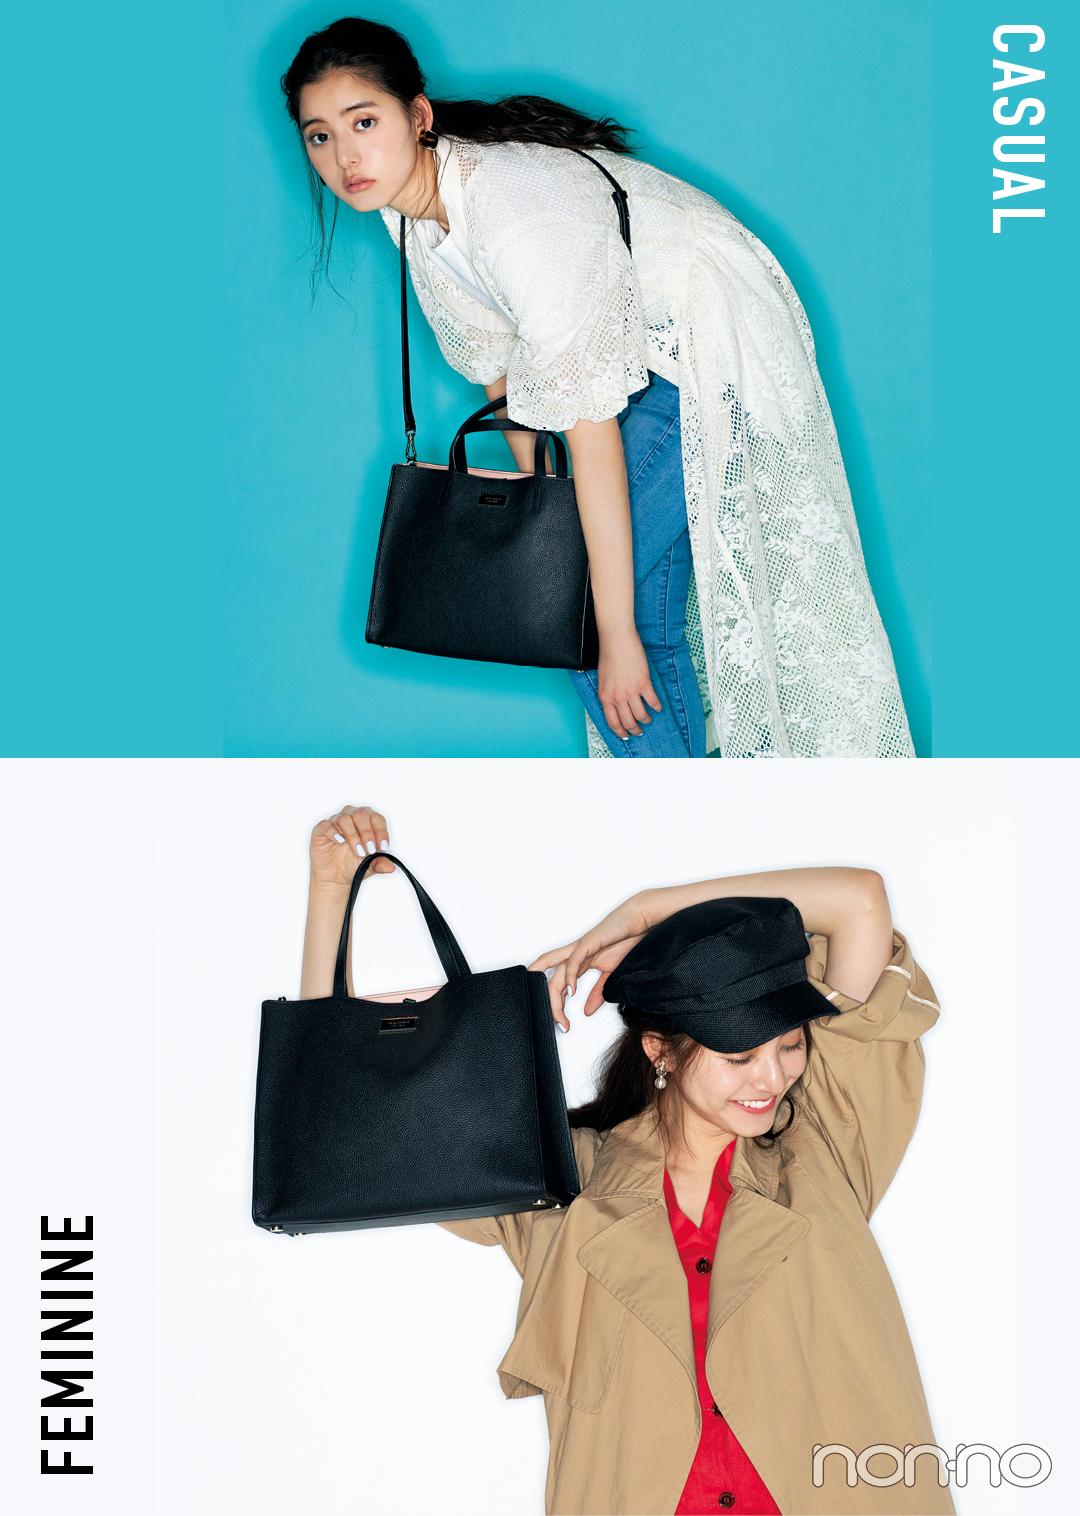 ケイトスペードの新作トートバッグ&携帯ケースが可愛いすぎ!【20歳からの名品】_1_2